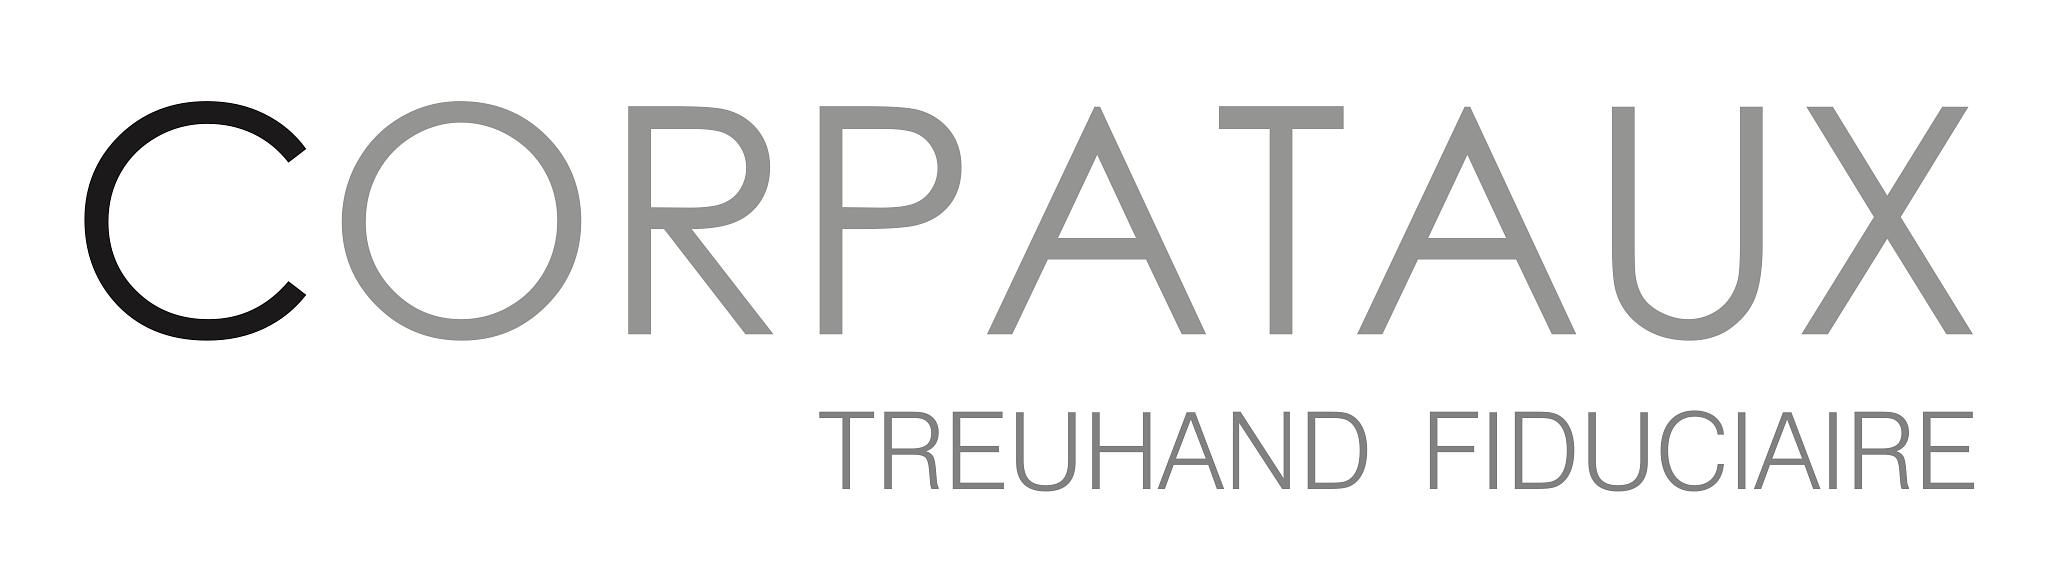 Corpataux Treuhand Fiduciaire AG/SA